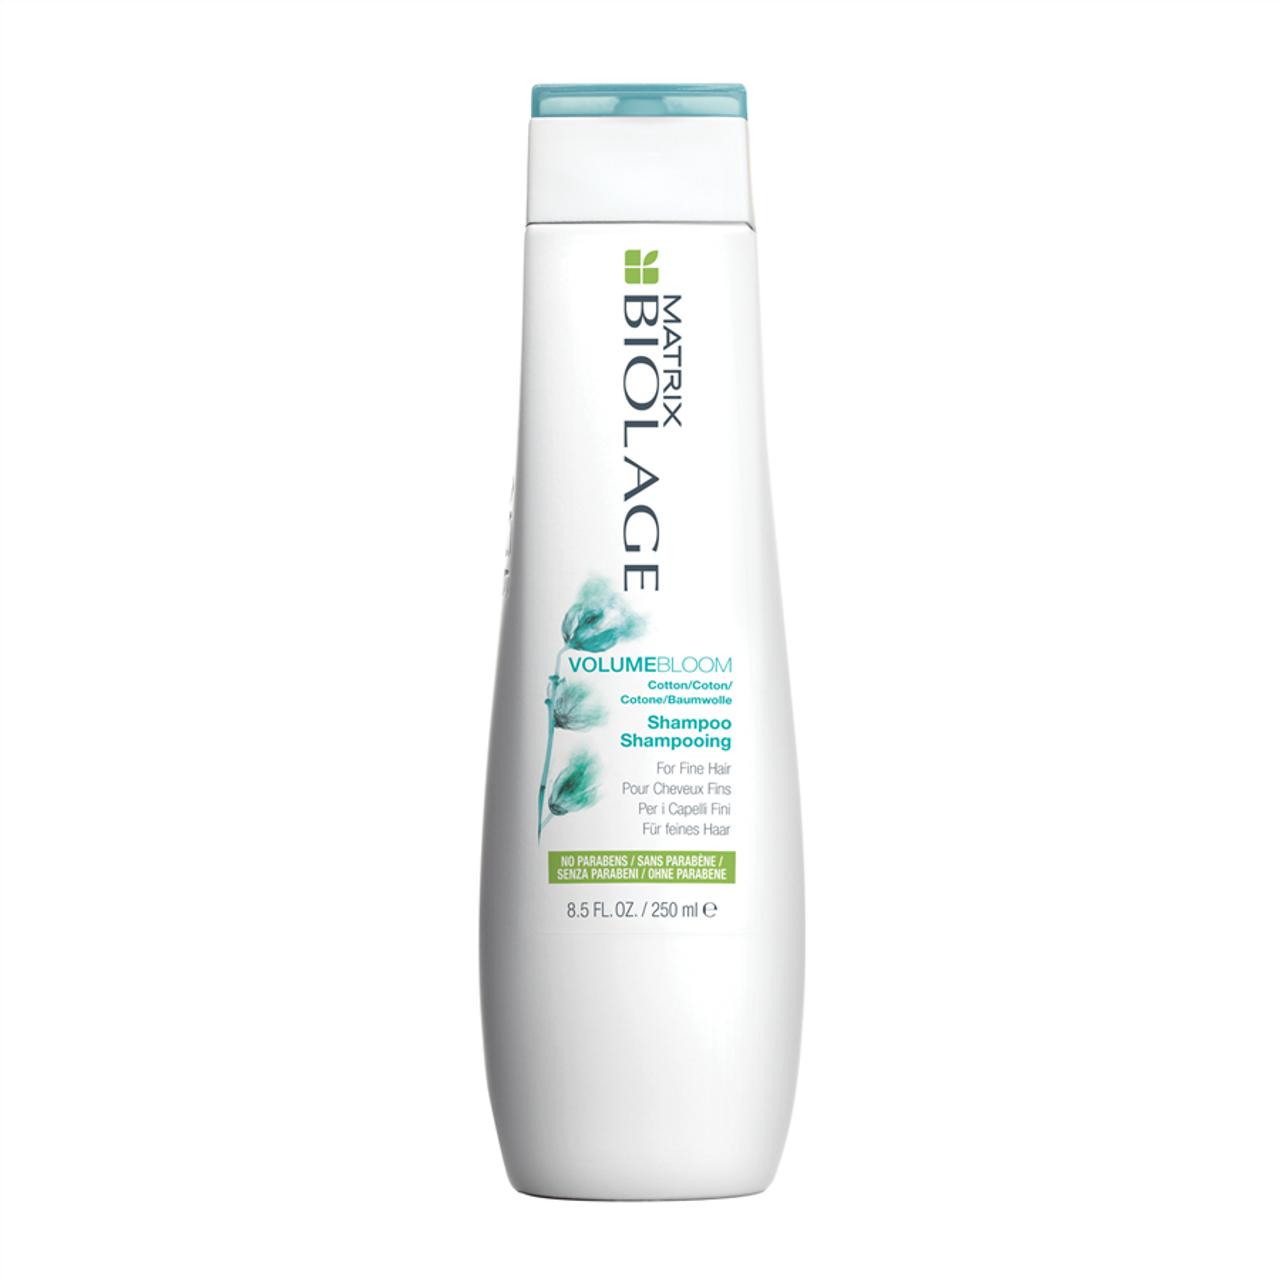 Biolage Volumebloom Shampoo - 13.5 oz